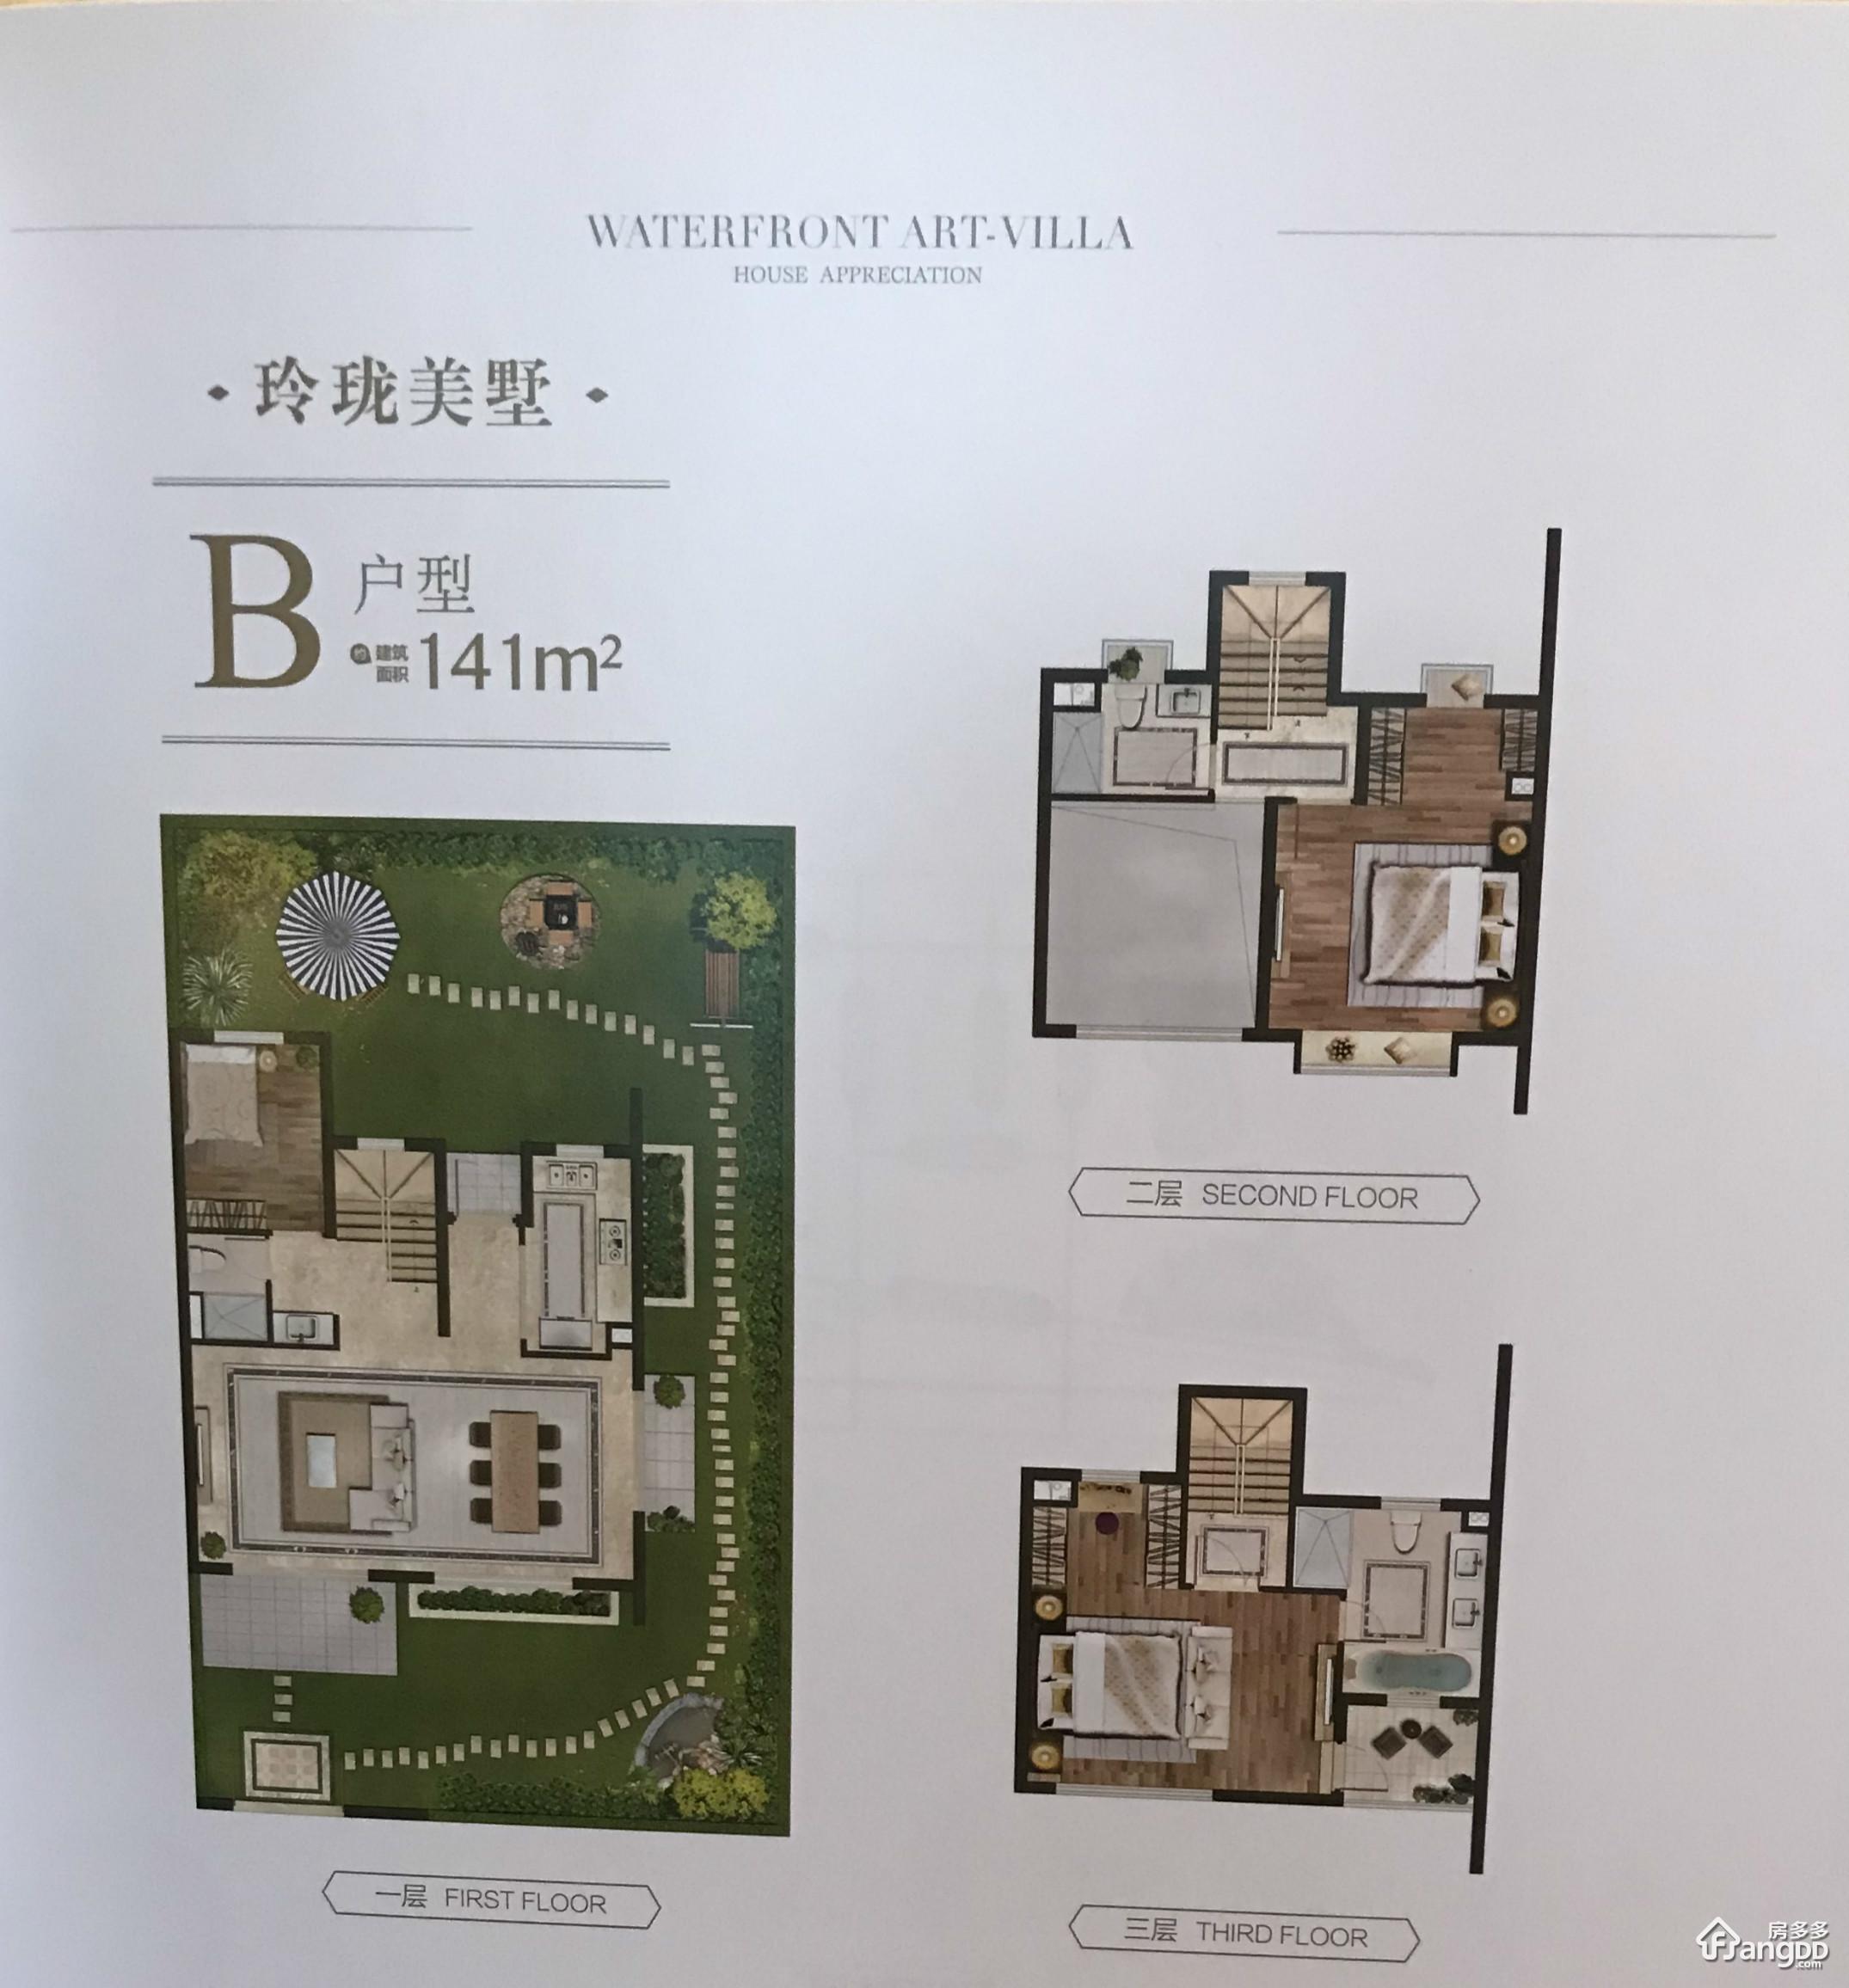 金地水悦堂4室2厅3卫户型图